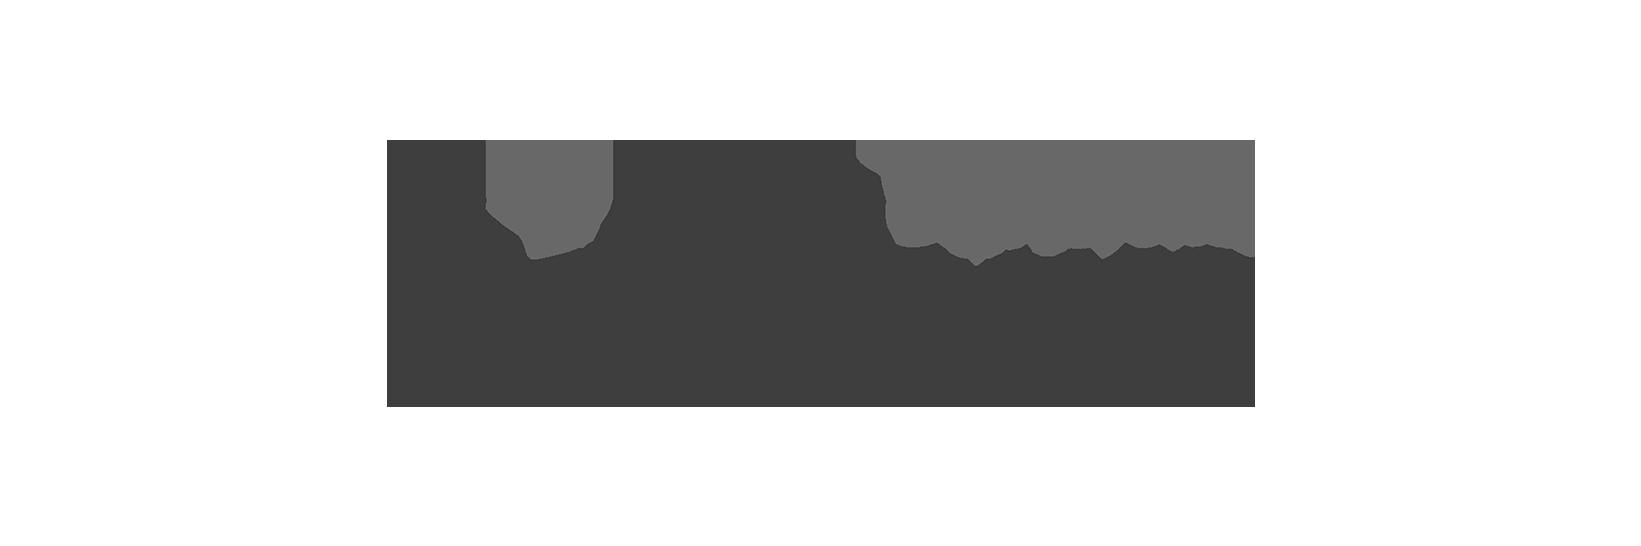 CampbellsKitchen.png